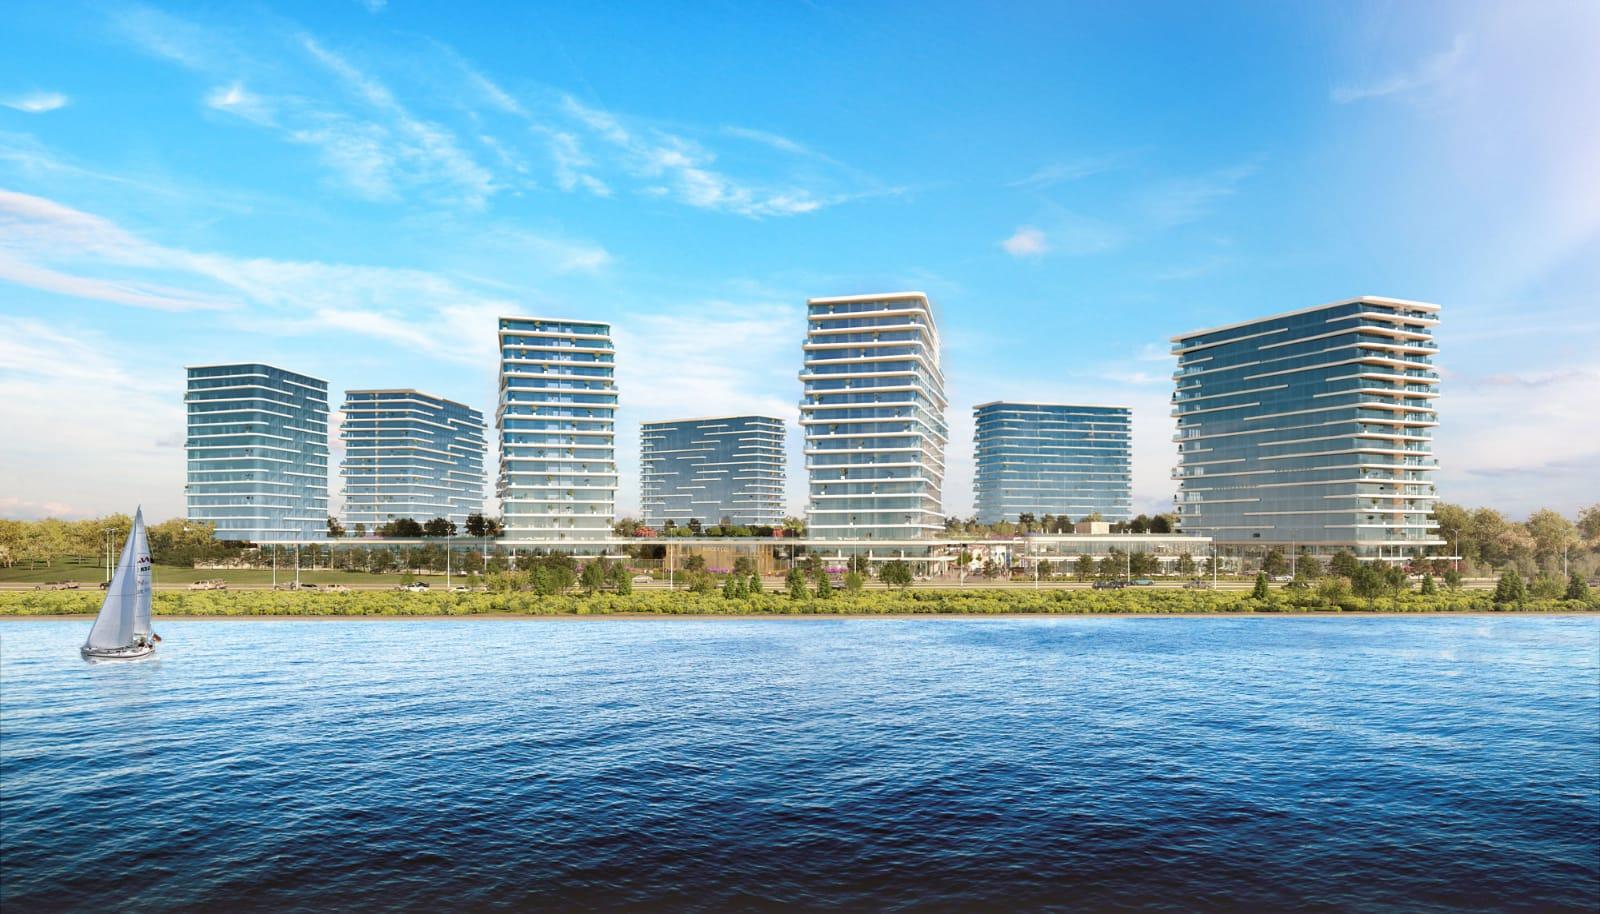 مشروع مميز للاستثمار في منطقة زيتون بورنو…..اسطنبول      ( كود المشروع     IC 30  )